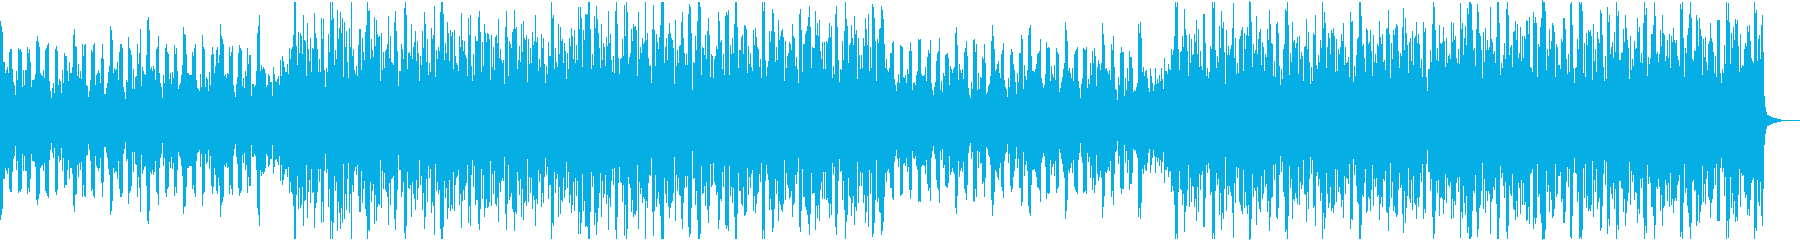 きらきらピアノ企業VPコーポレートbの再生済みの波形